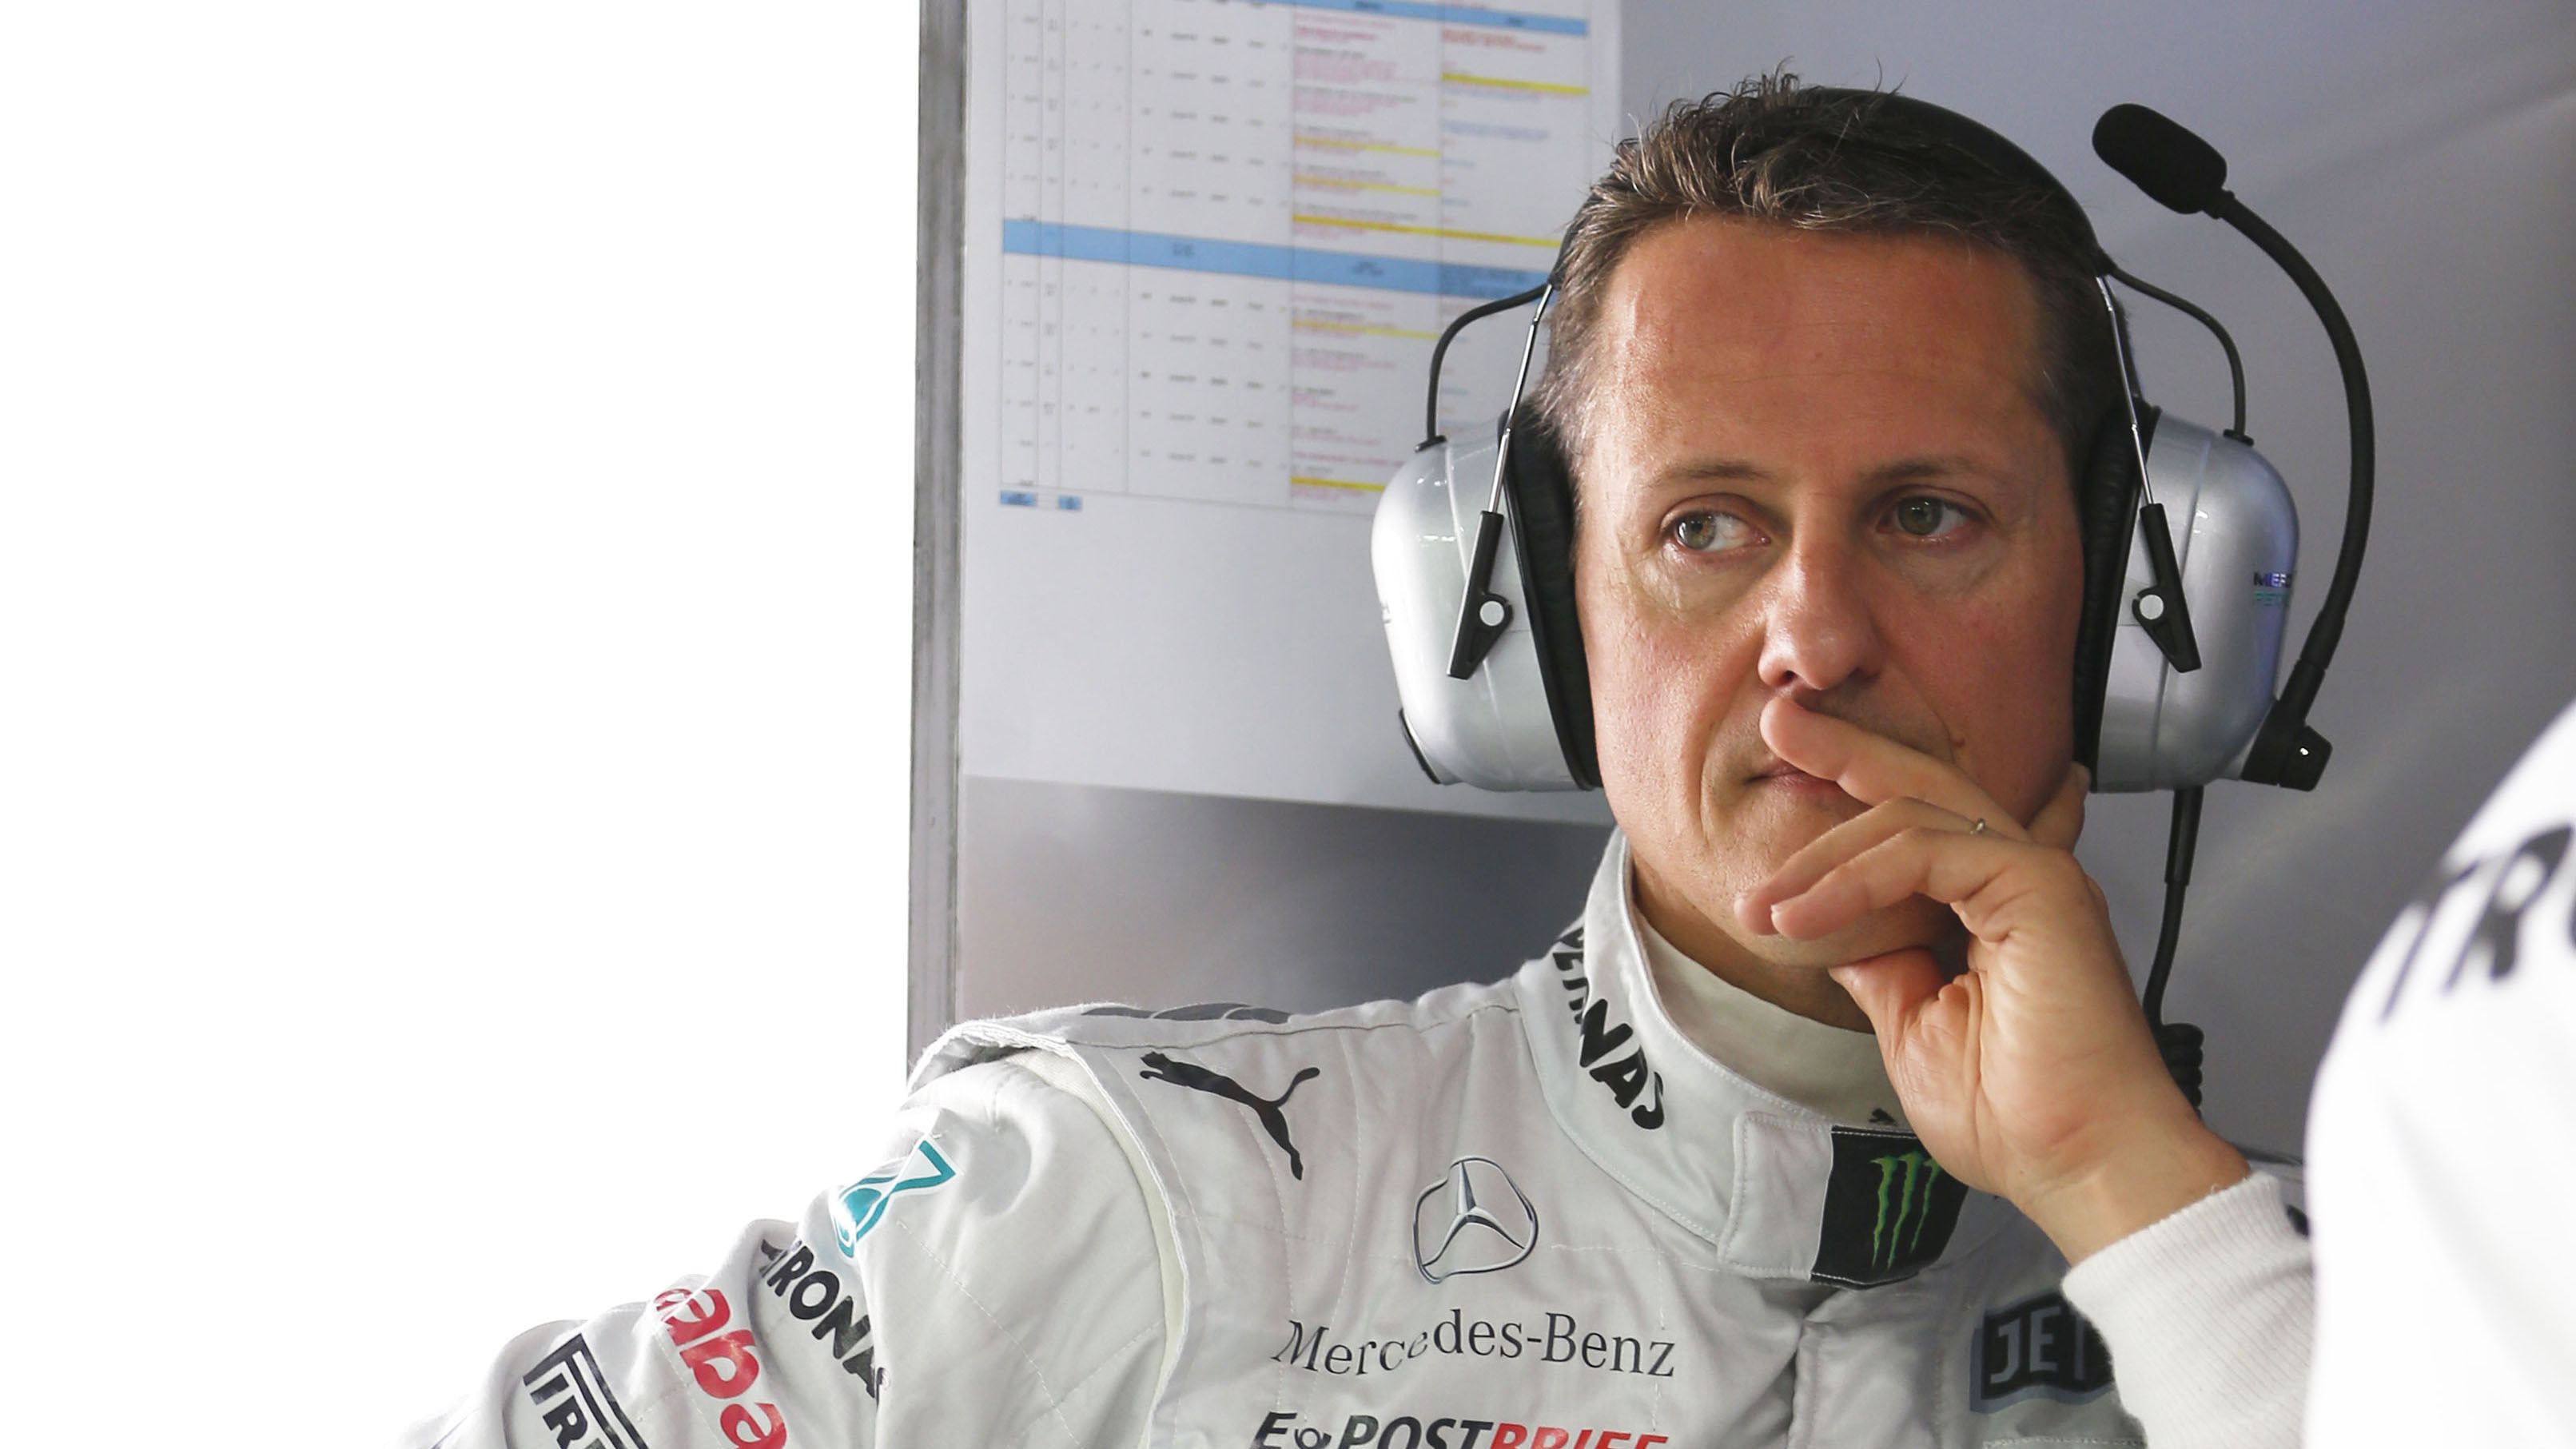 Michael Schumacher HD Wallpaper